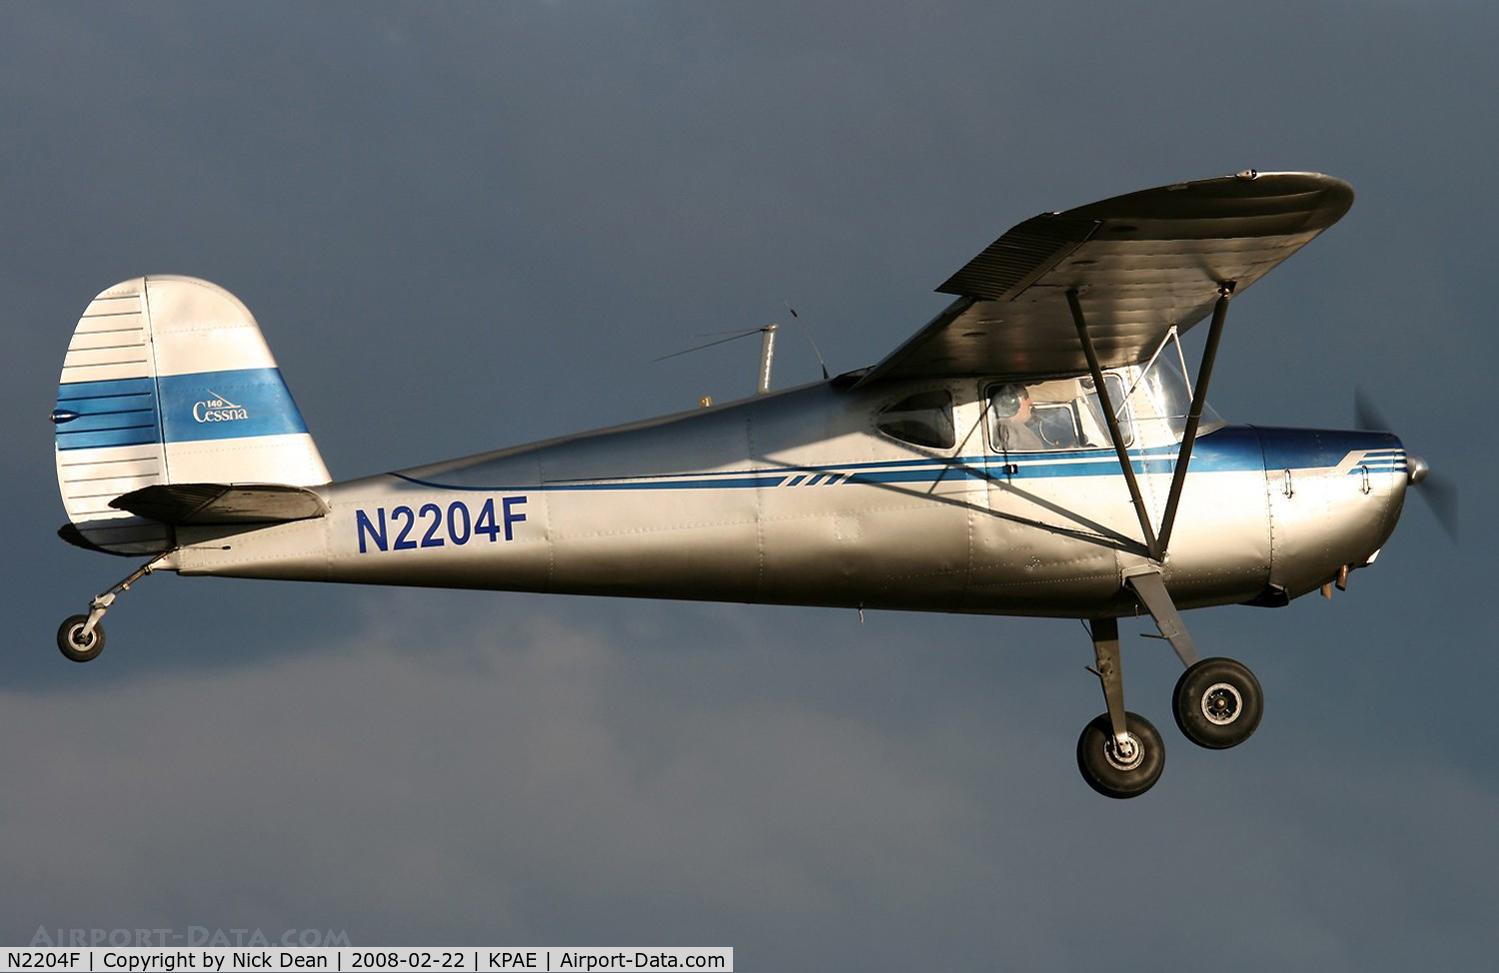 N2204F, 1948 Cessna 140 C/N 14890, Canon Rebel Xti & 100-400L IS